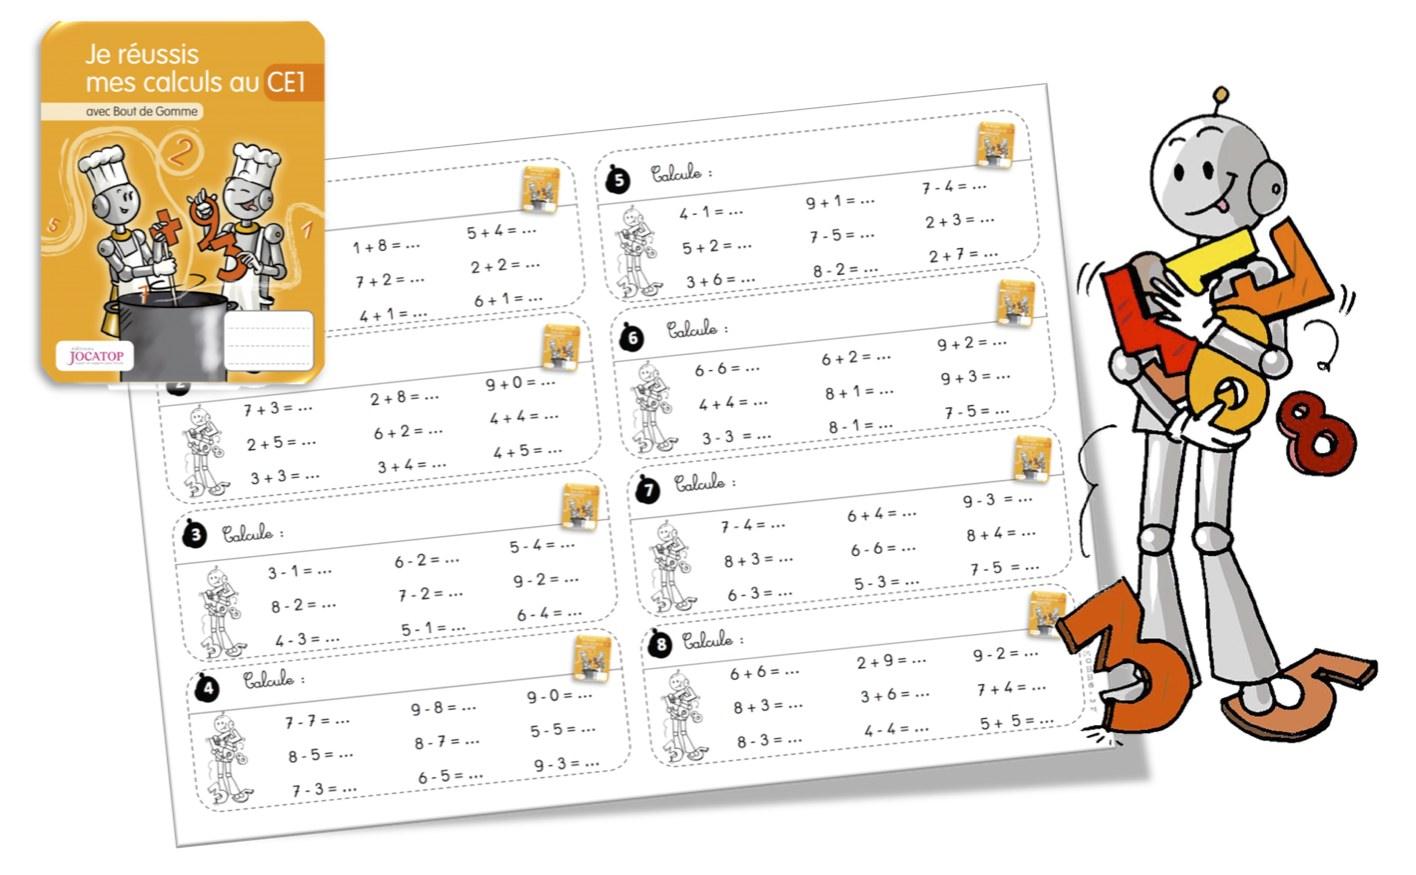 Rituels calcul avec les cahiers de calcul jocatop ce1 - Calcul cm1 a imprimer ...